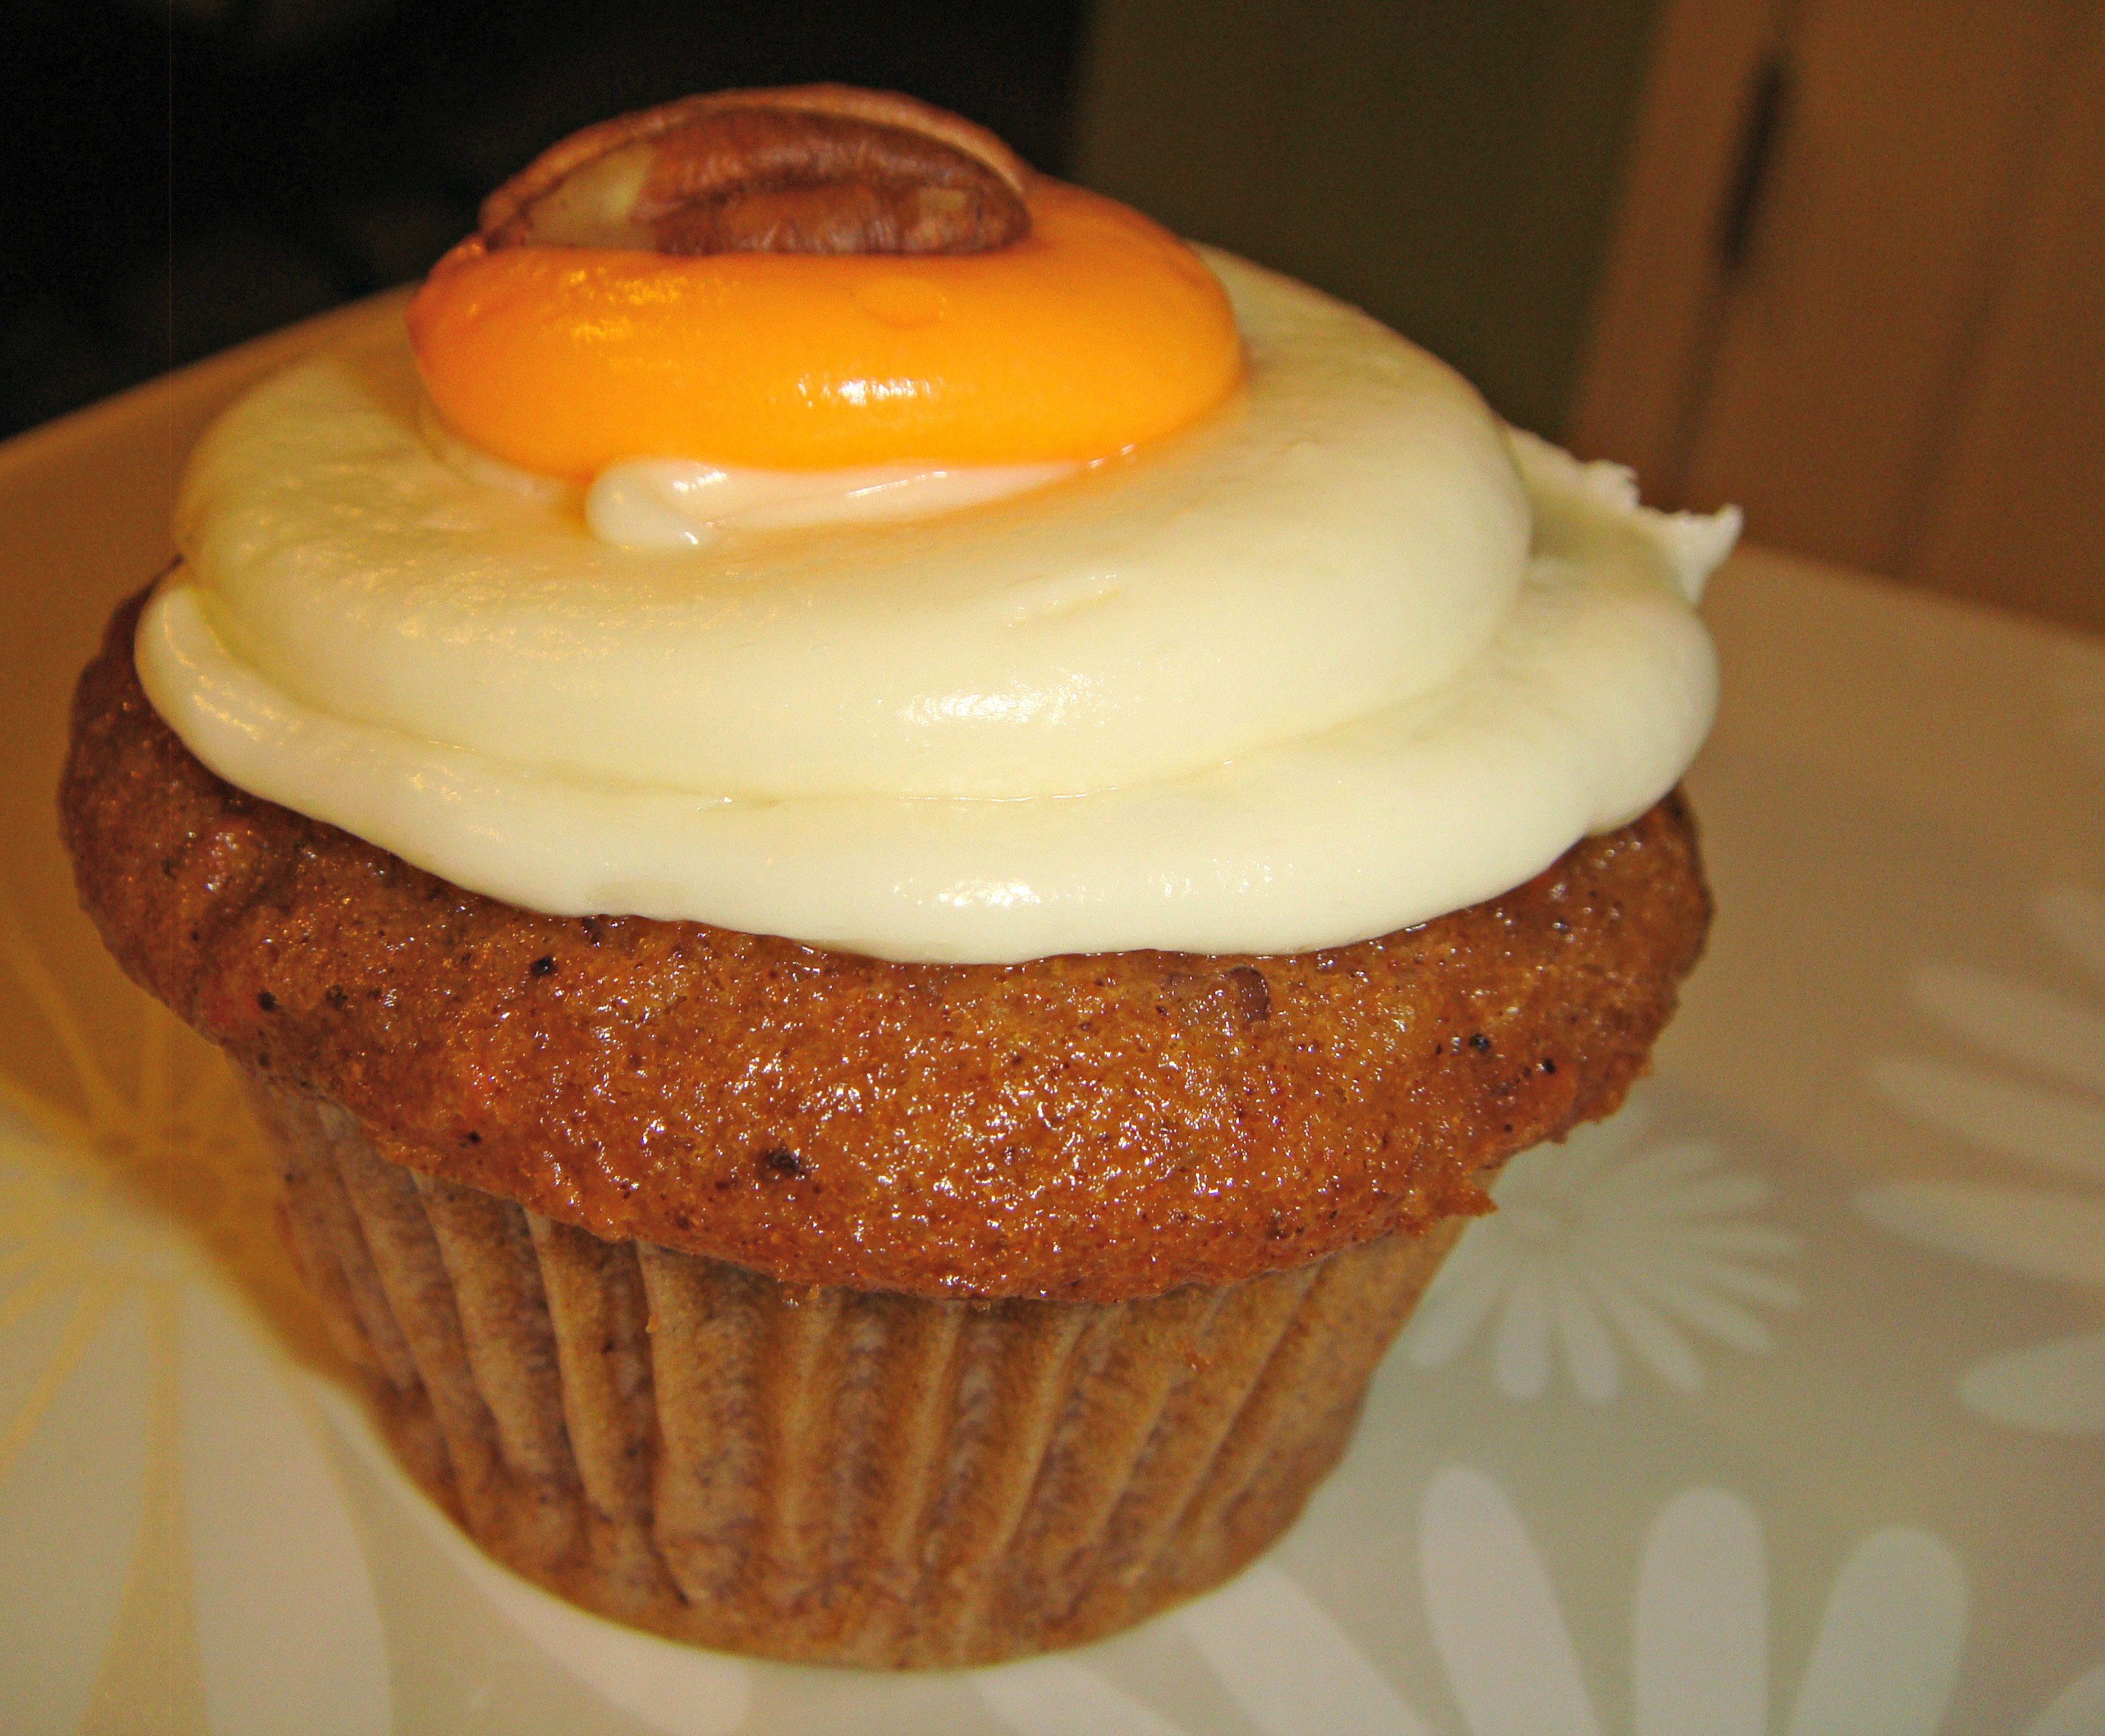 Herbalife+Birthday+Cake+Shake Herbalife Birthday Cake Shake http ...